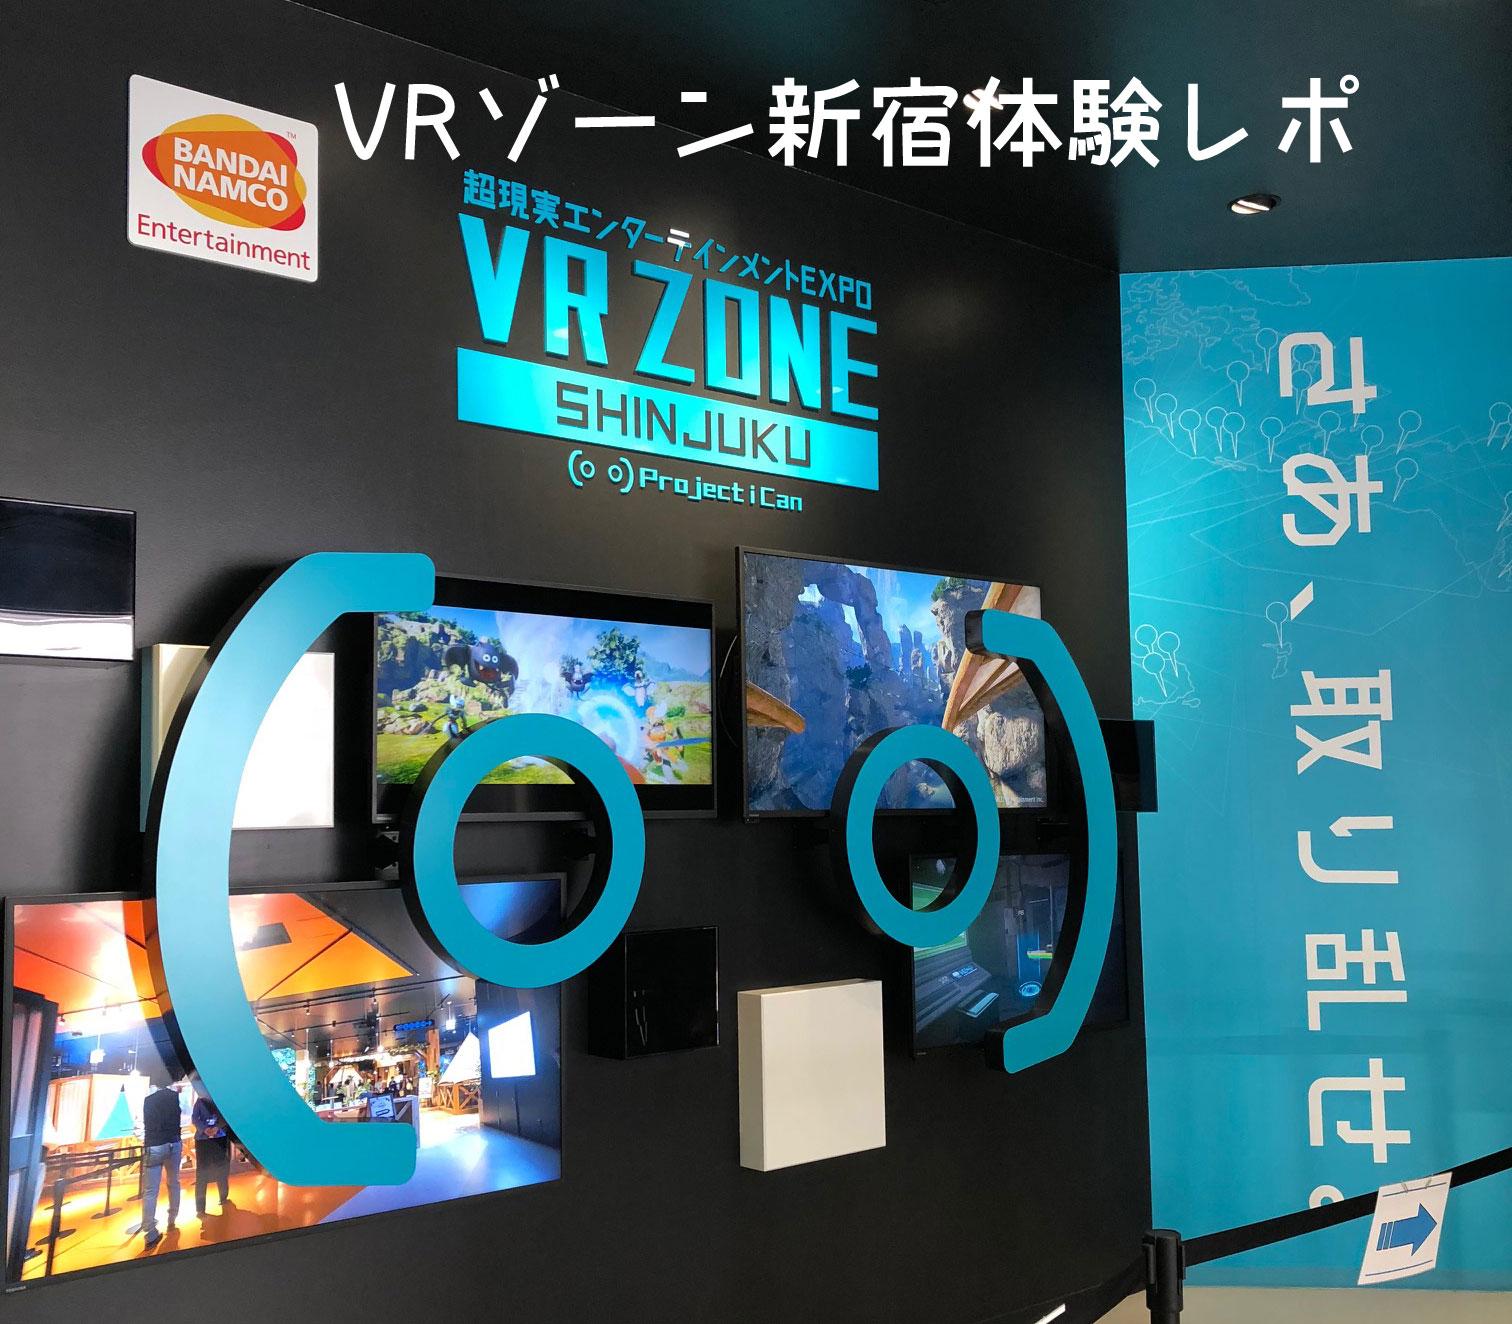 VRゾーン新宿体験レポ